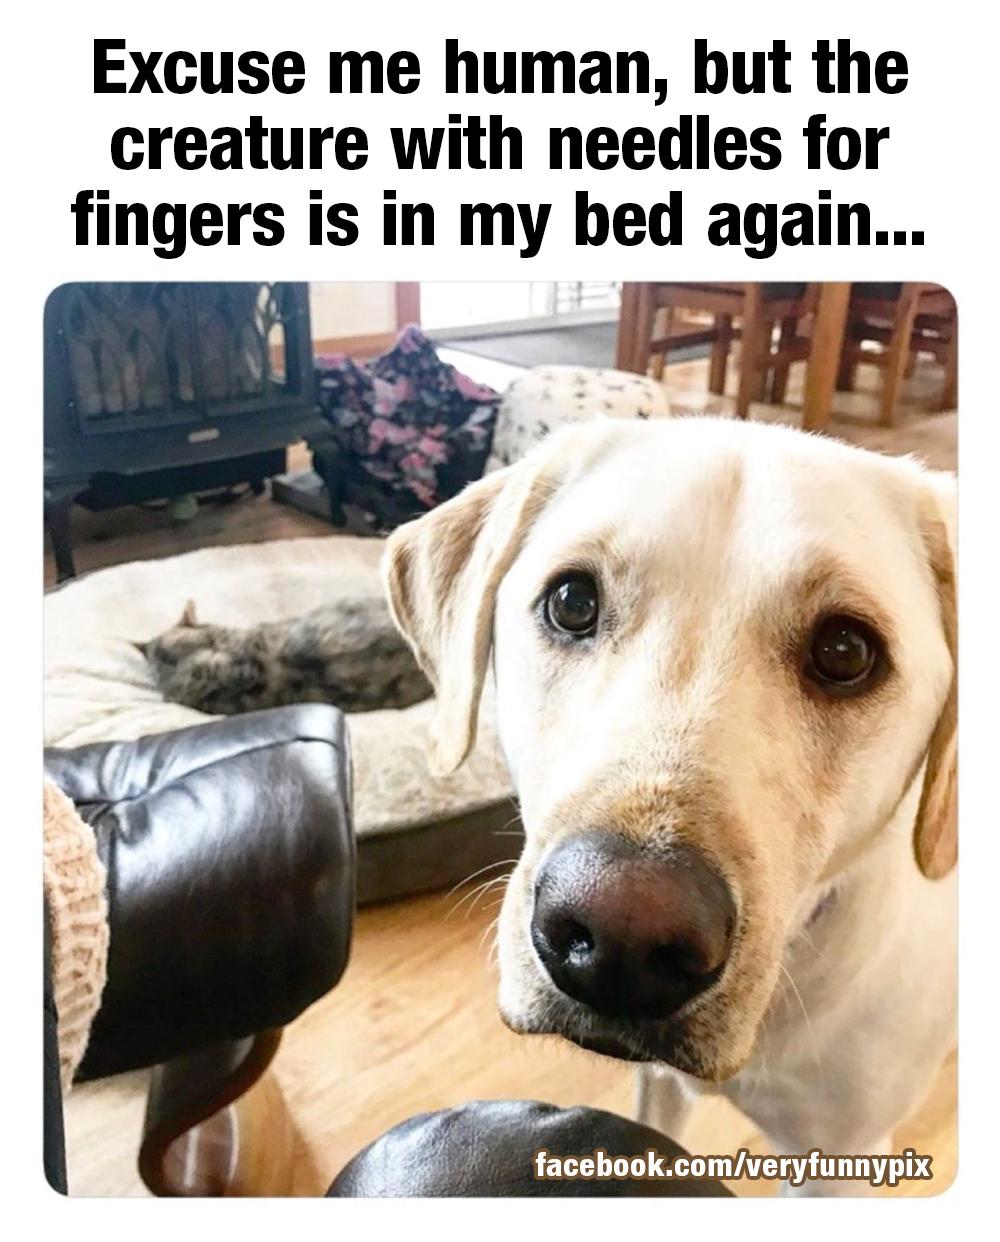 Dog with pleading eyes